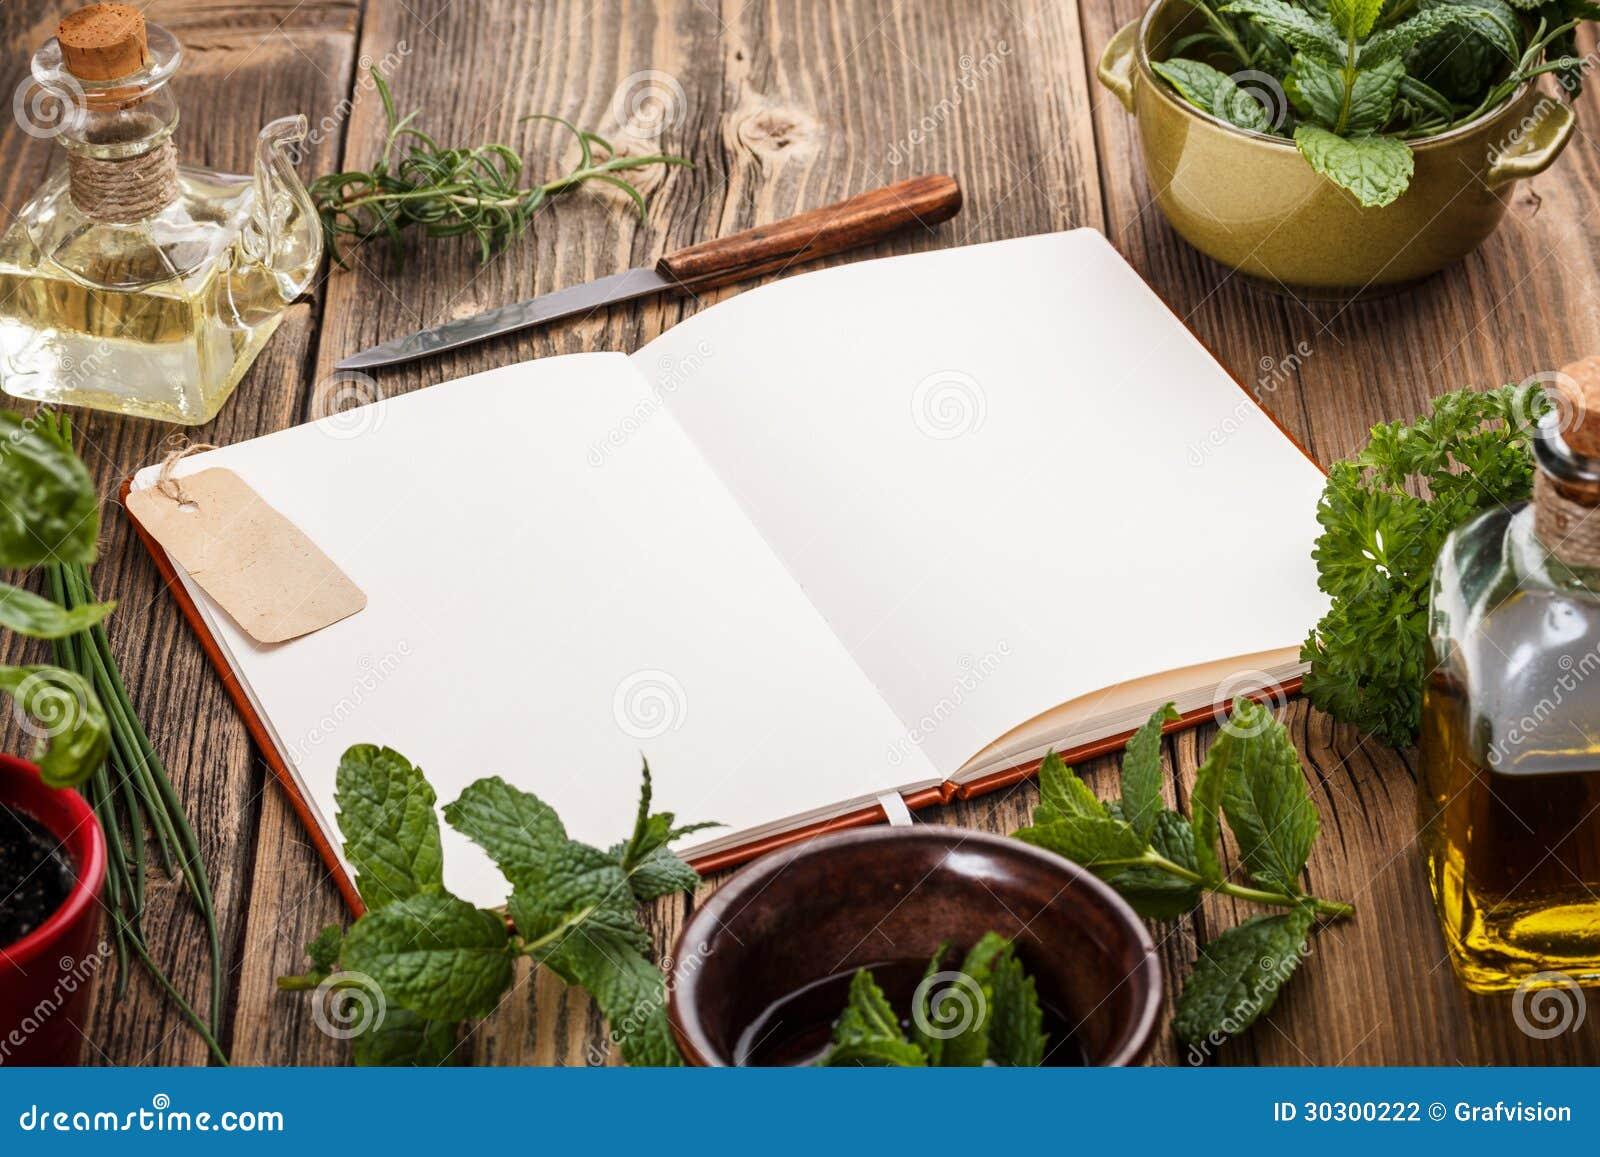 Livre de cuisine vide